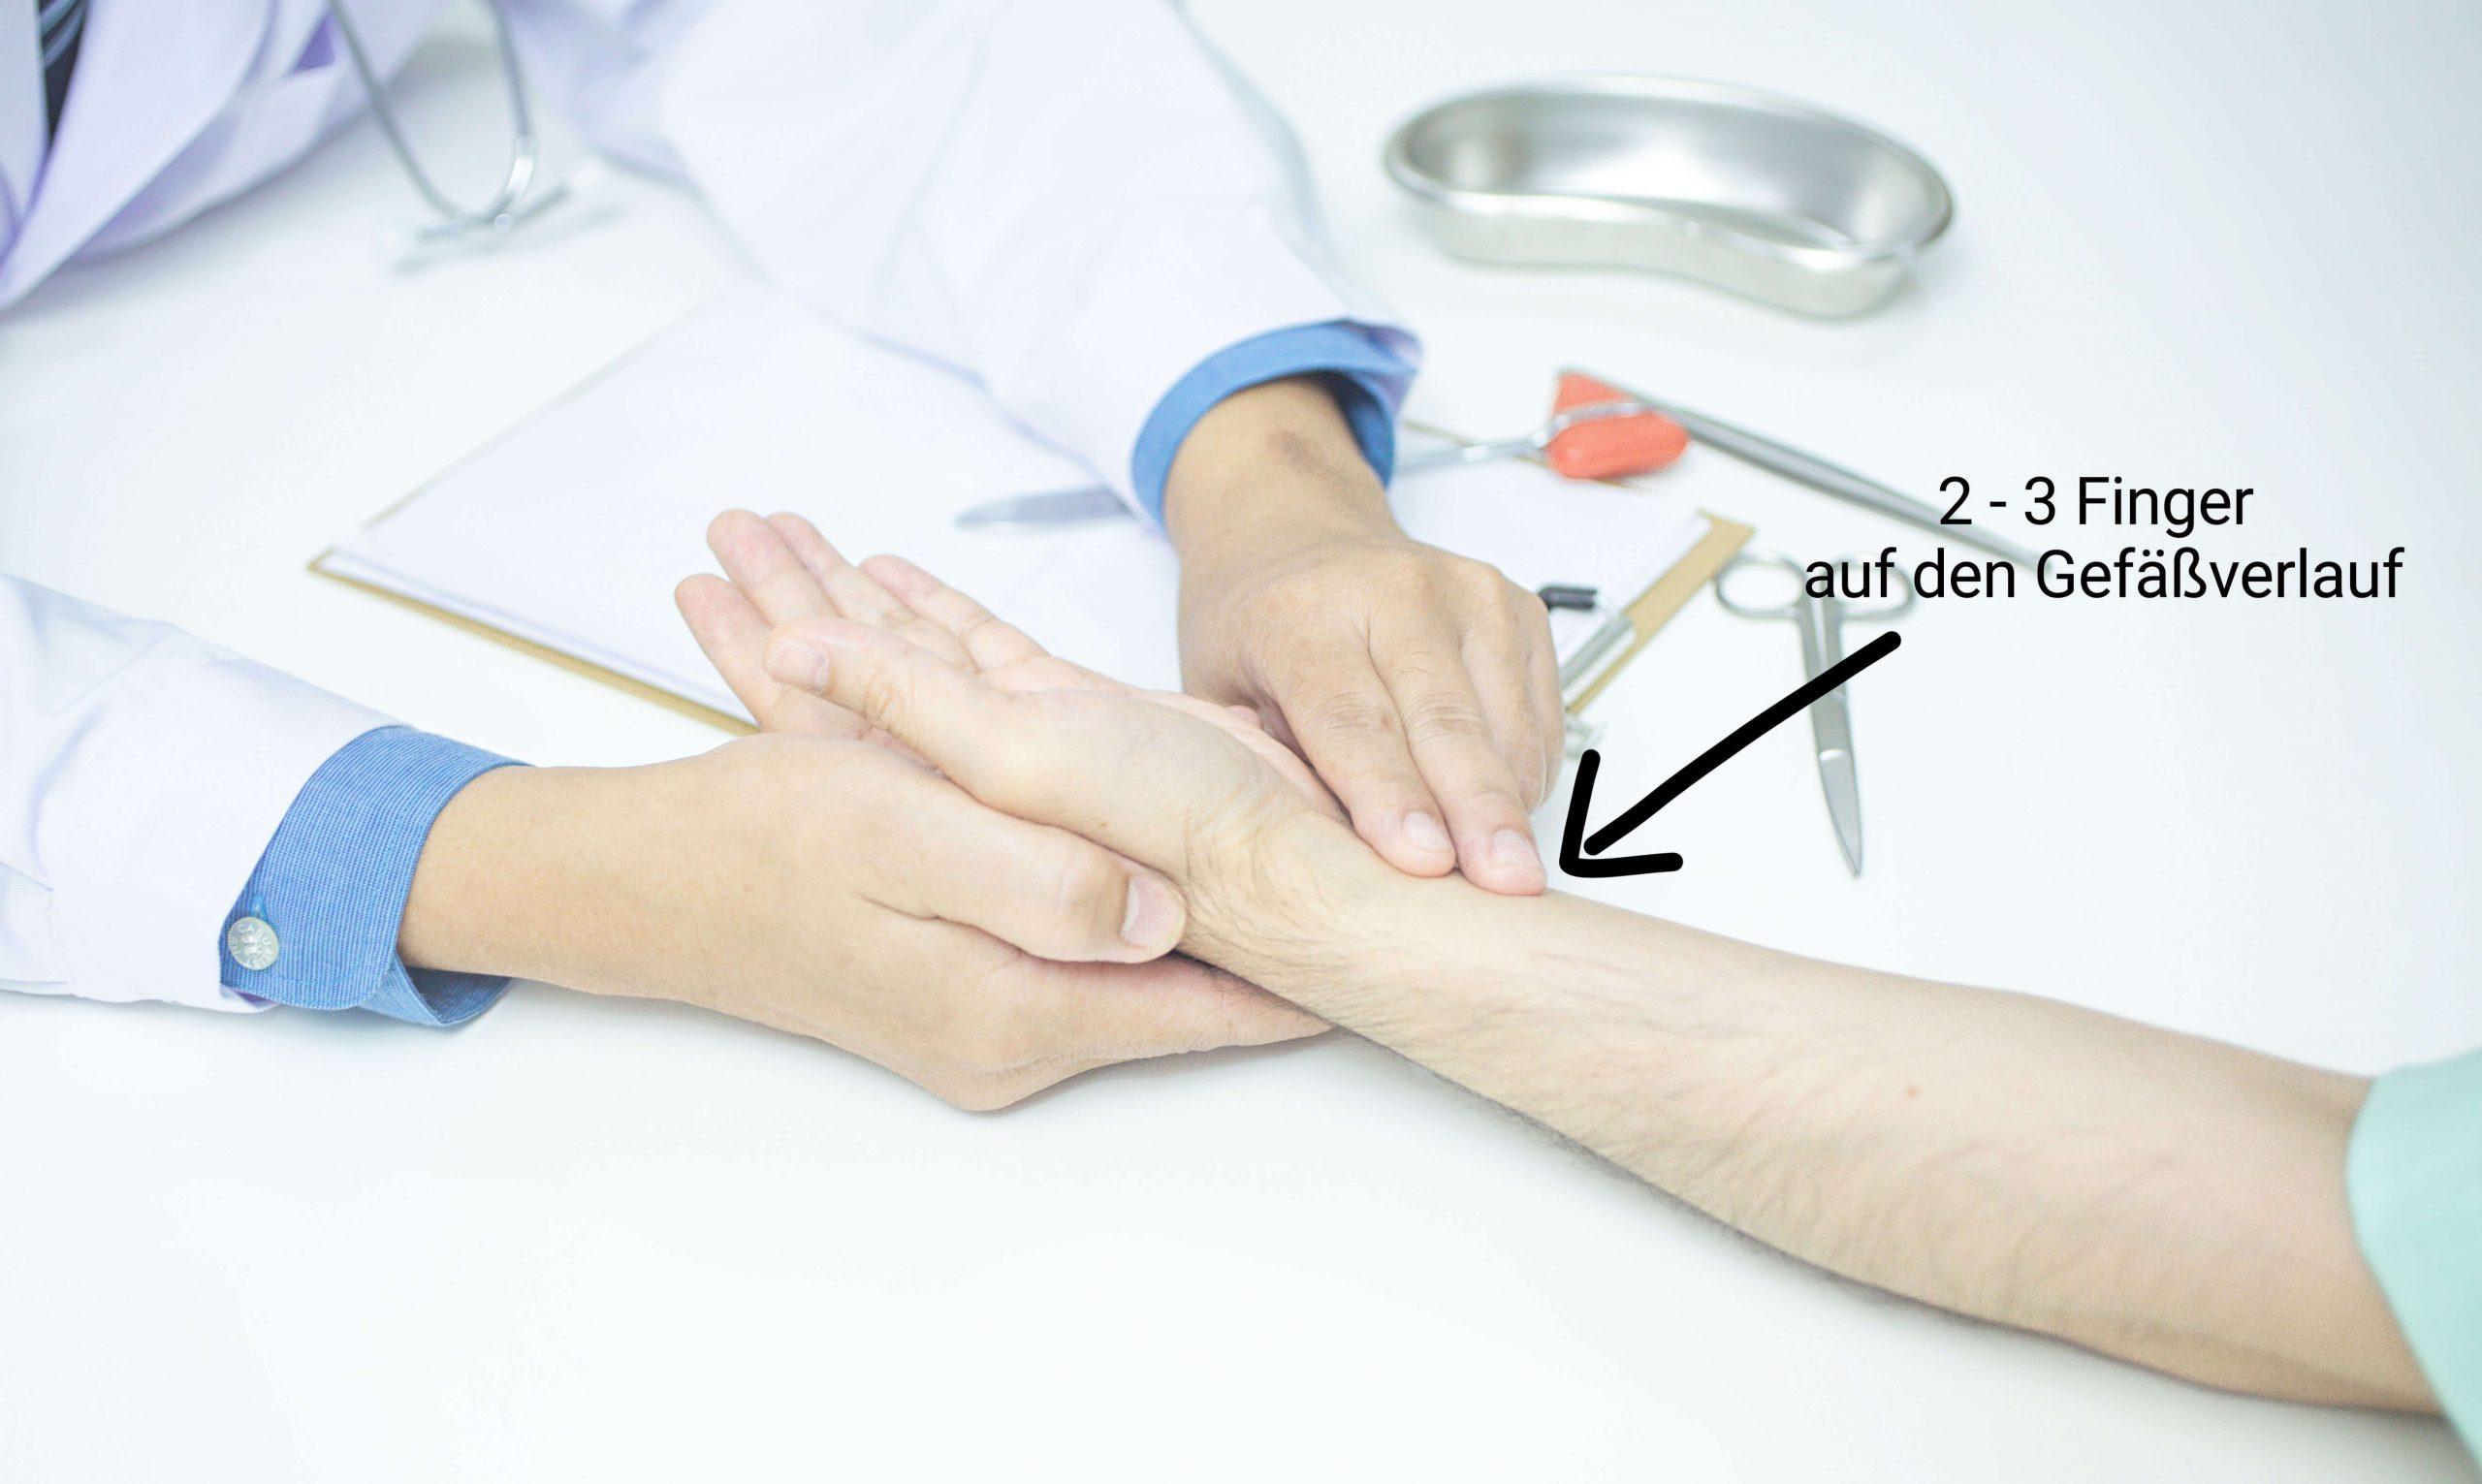 Pulsmessung Fingersetzen